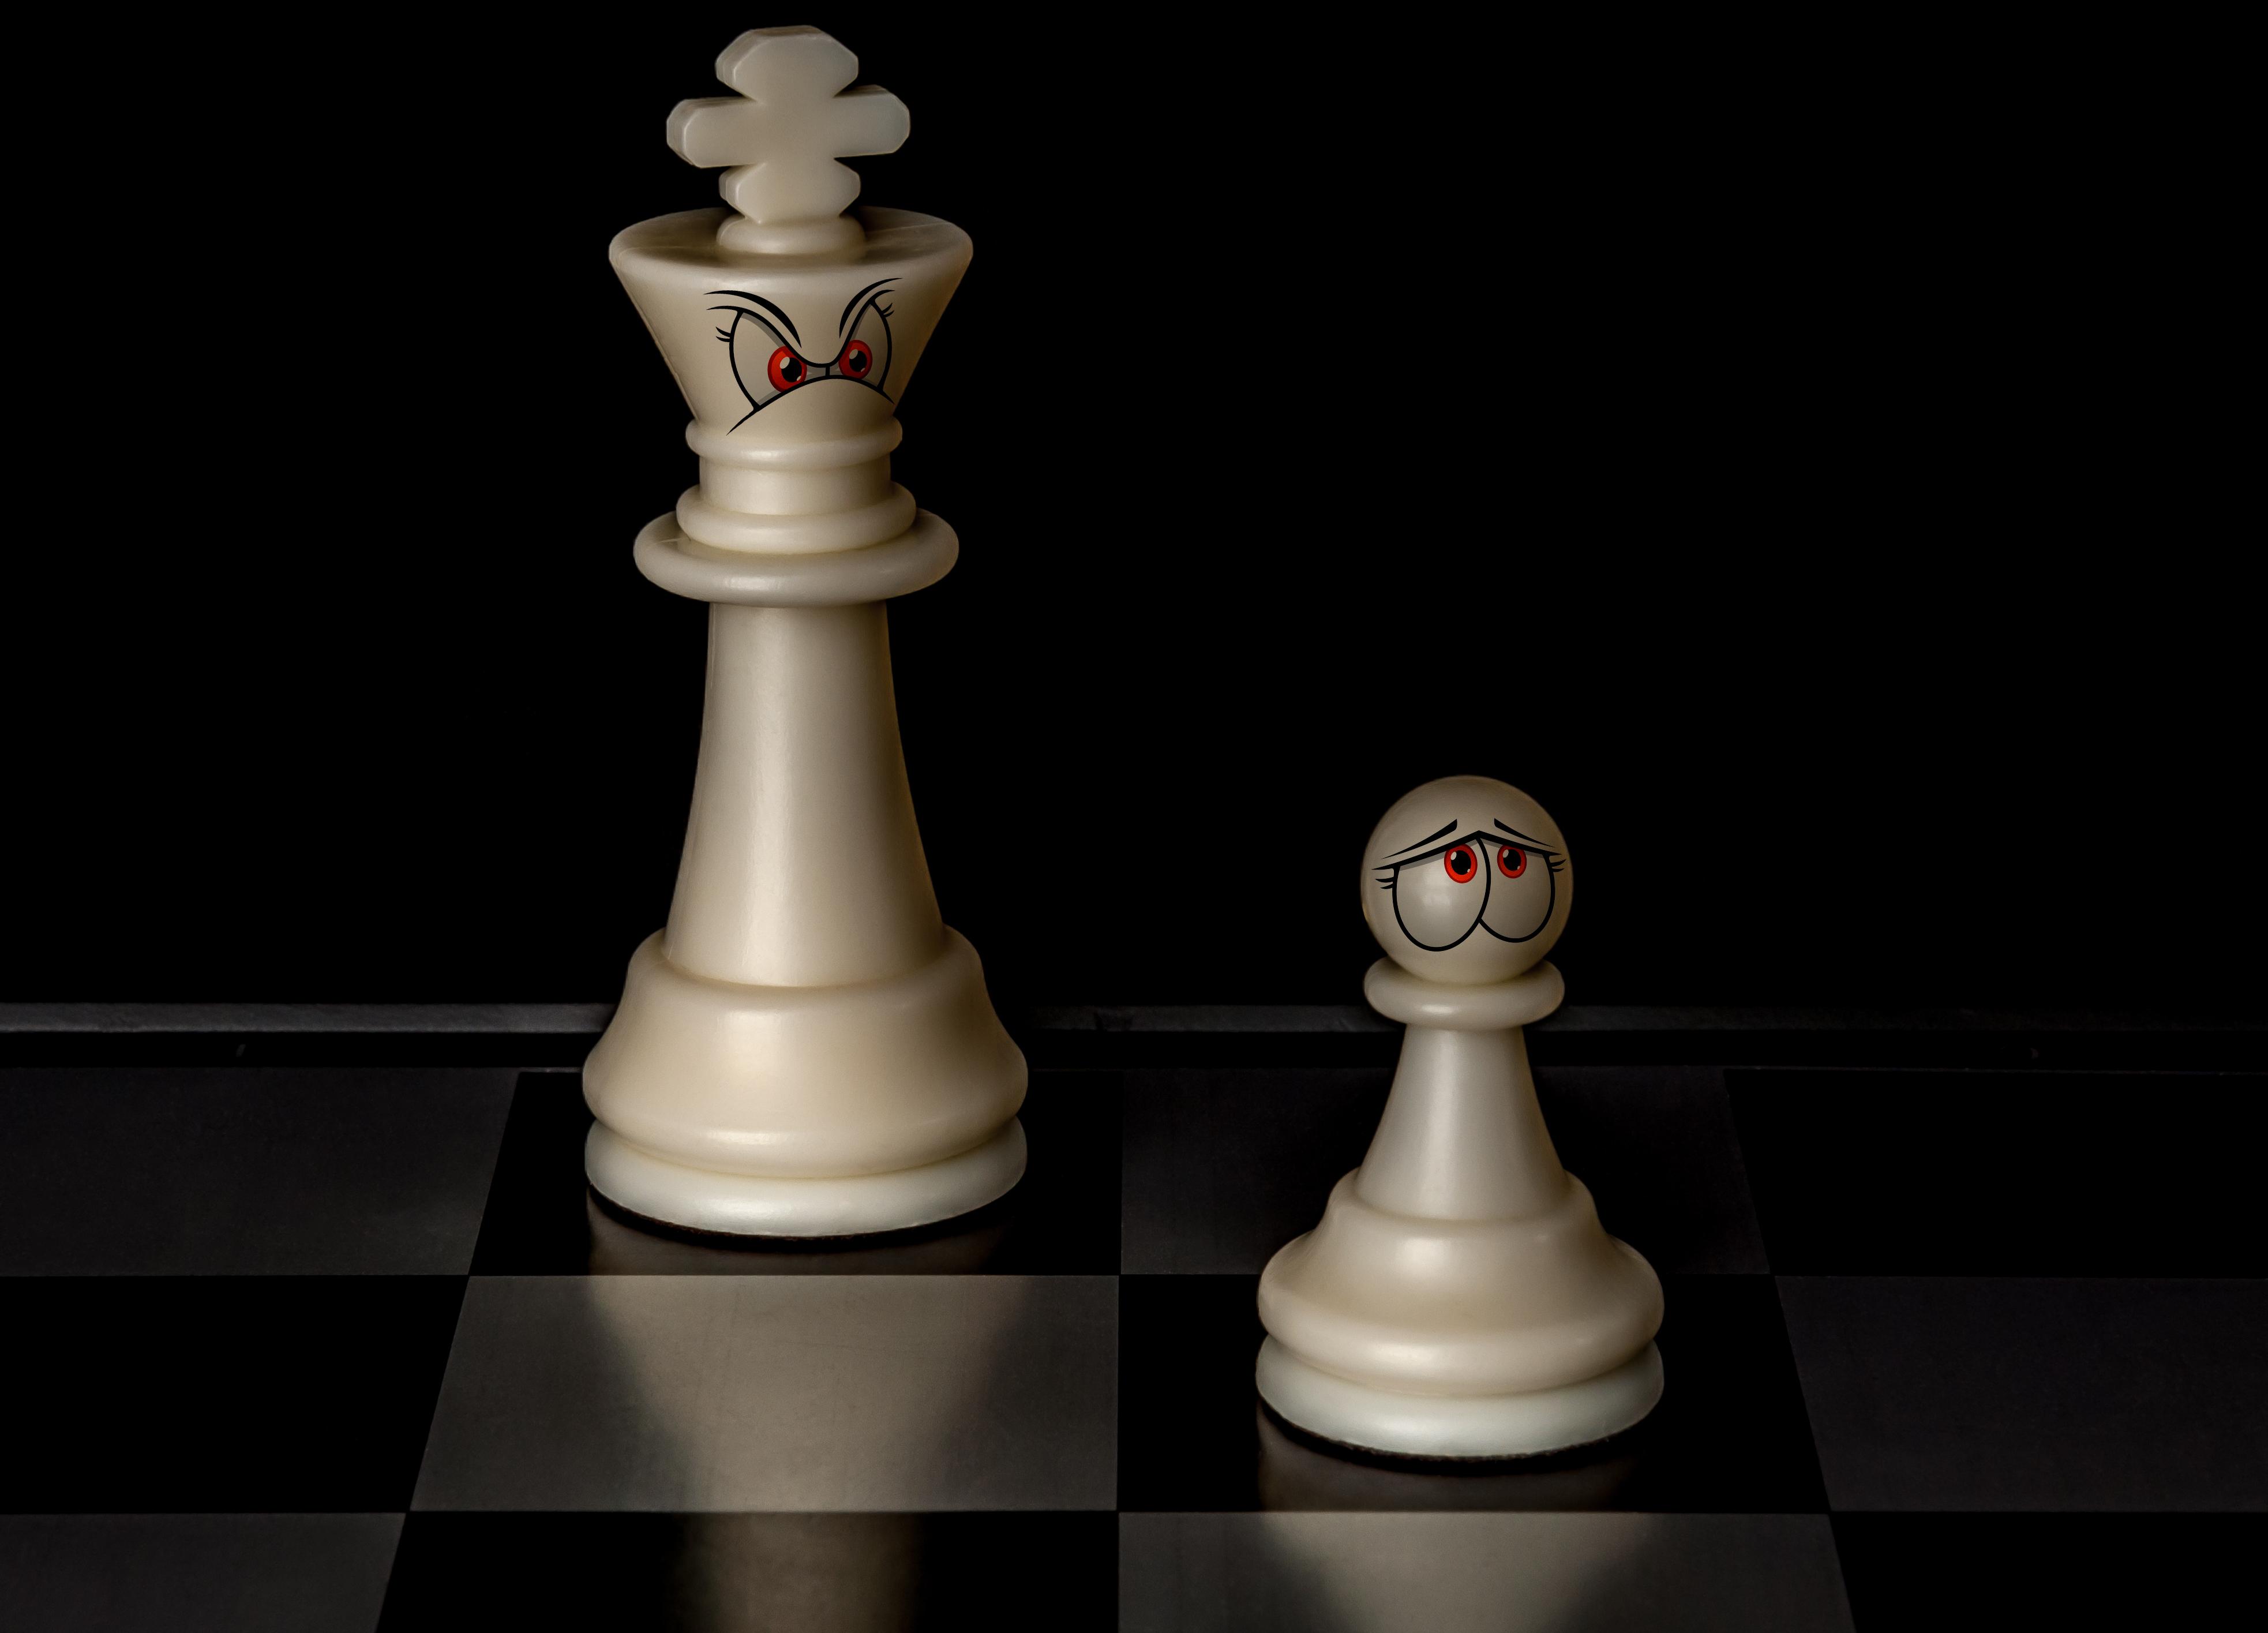 Sfondi occhi cartone animato scacchi ricreazione i